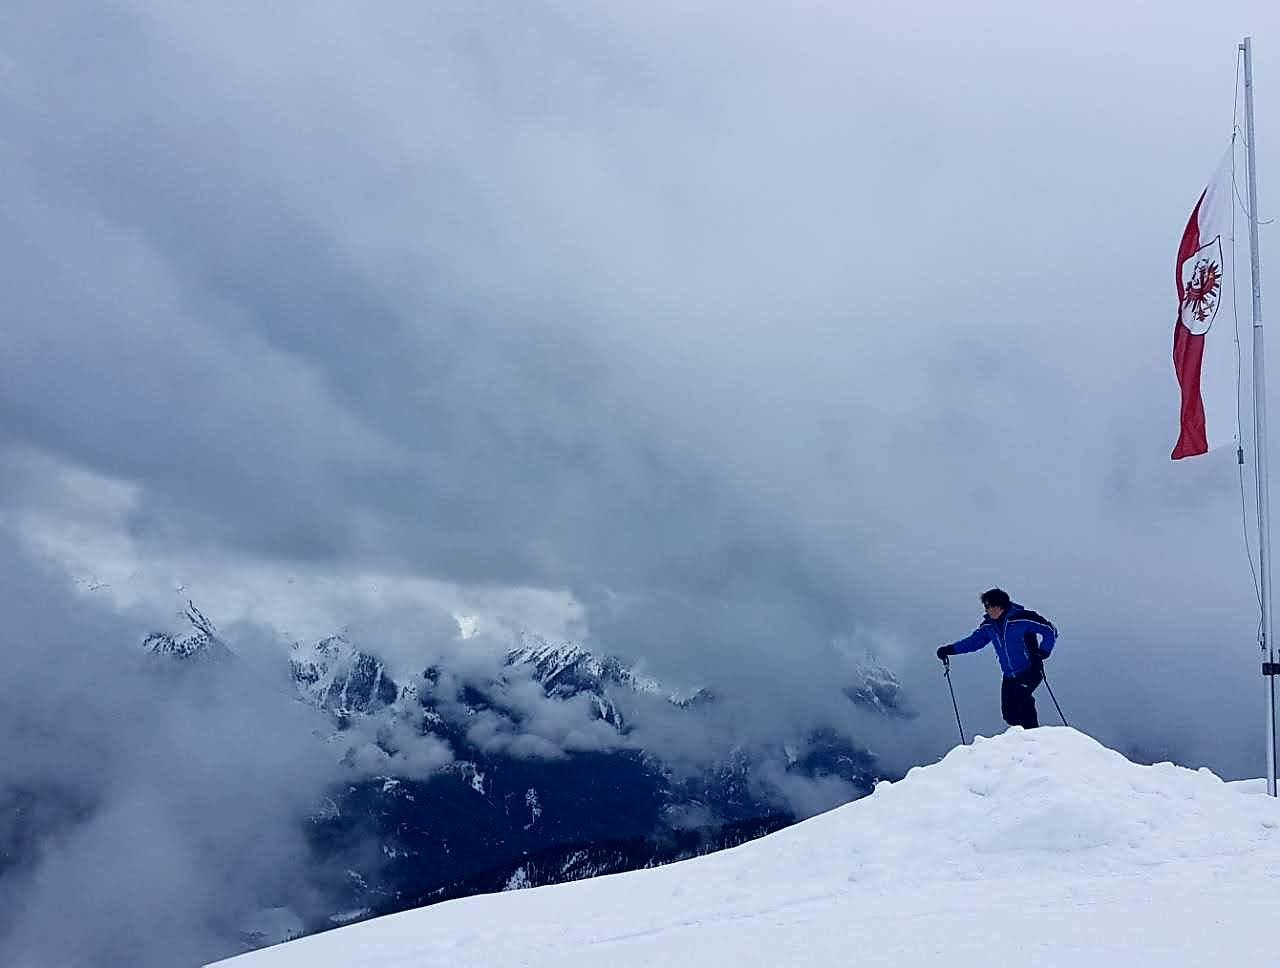 My friend in the clouds by Dejan Jorganovic